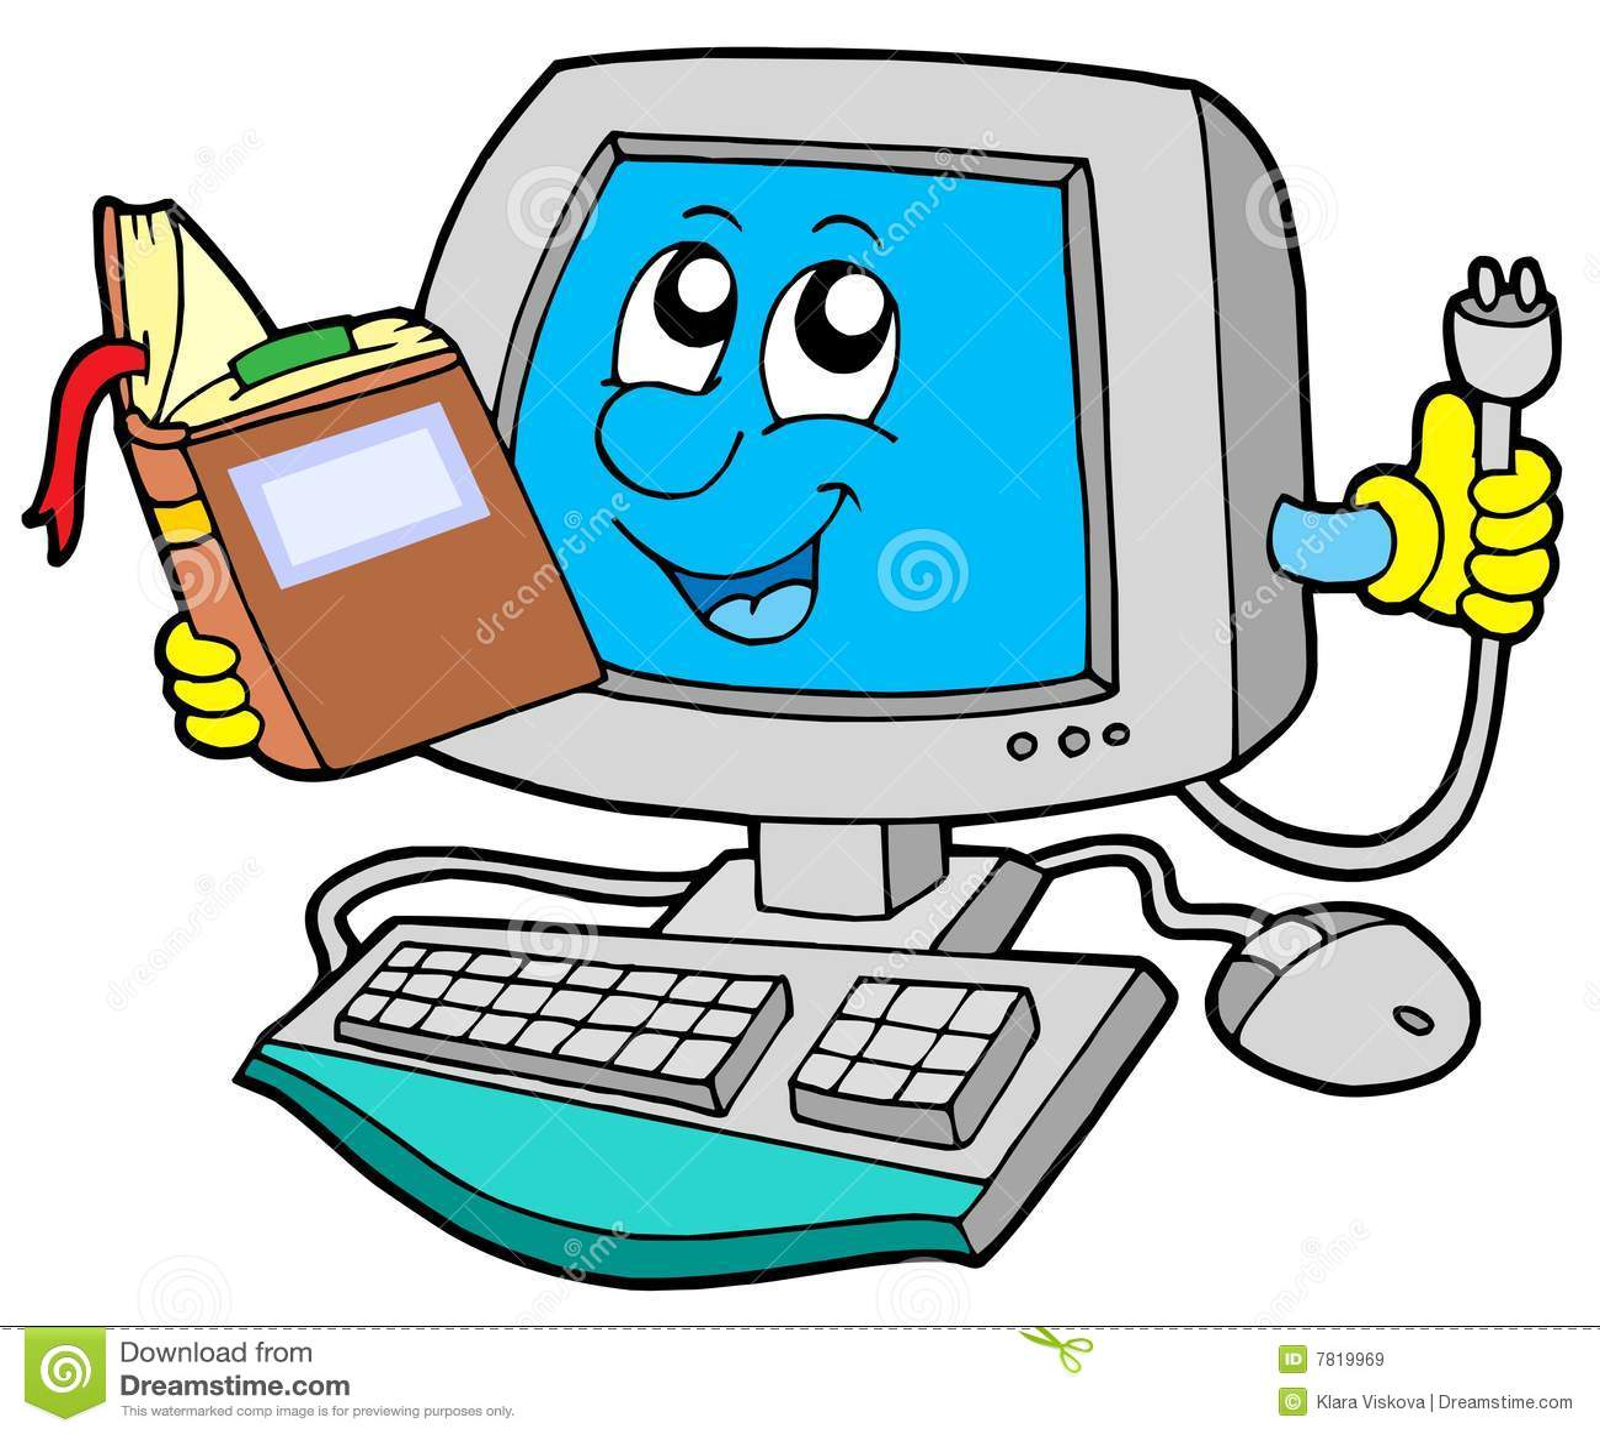 Собрать ваш компьютер (дешевле чем в в санкт-петербурге на сайте бесплатных объявлений куплюсразуру